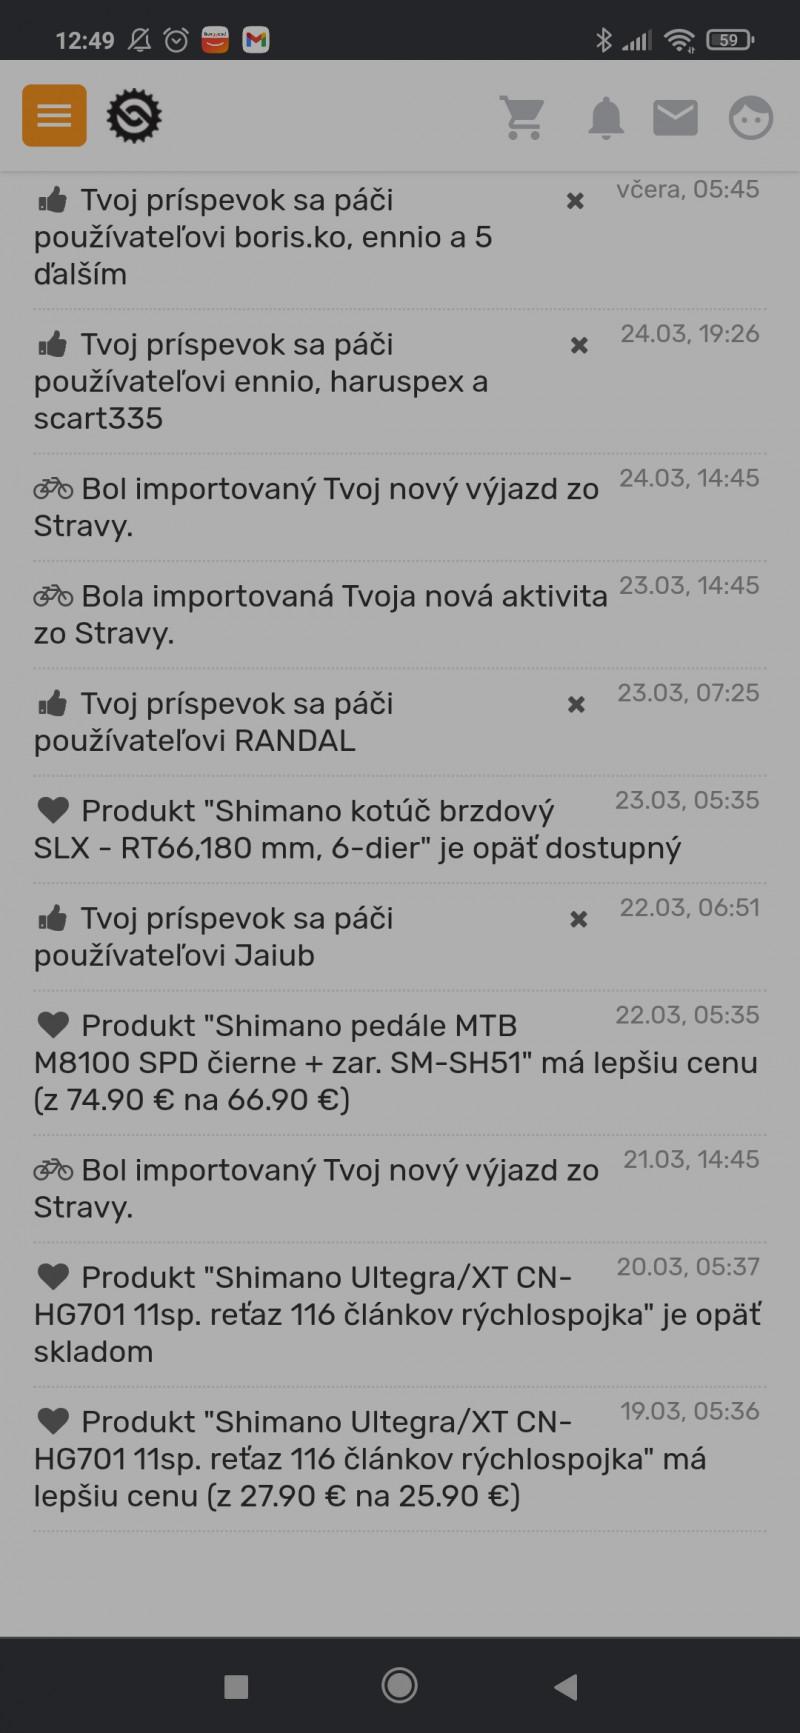 Screenshot_2021-03-26-12-49-56-532_com.android.chrome.jpg